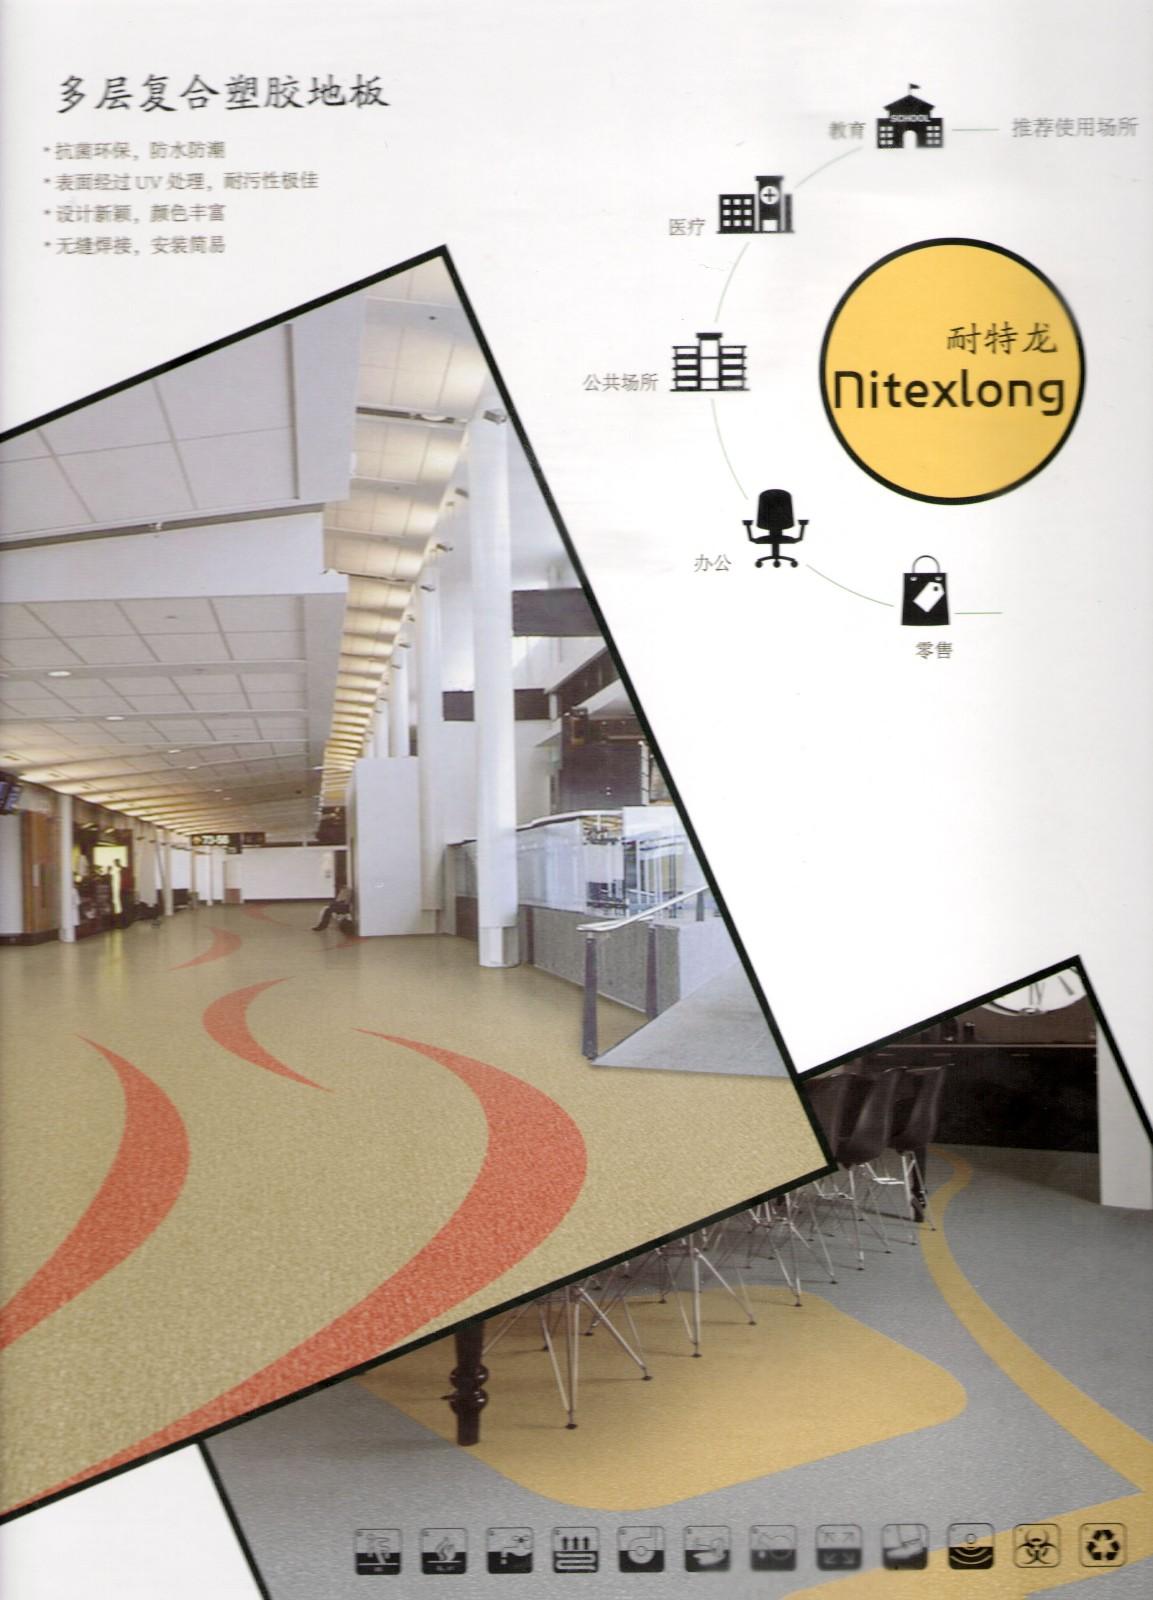 大巨龙耐特龙PVC地板|大巨龙系列-陕西汇优建材有限责任公司